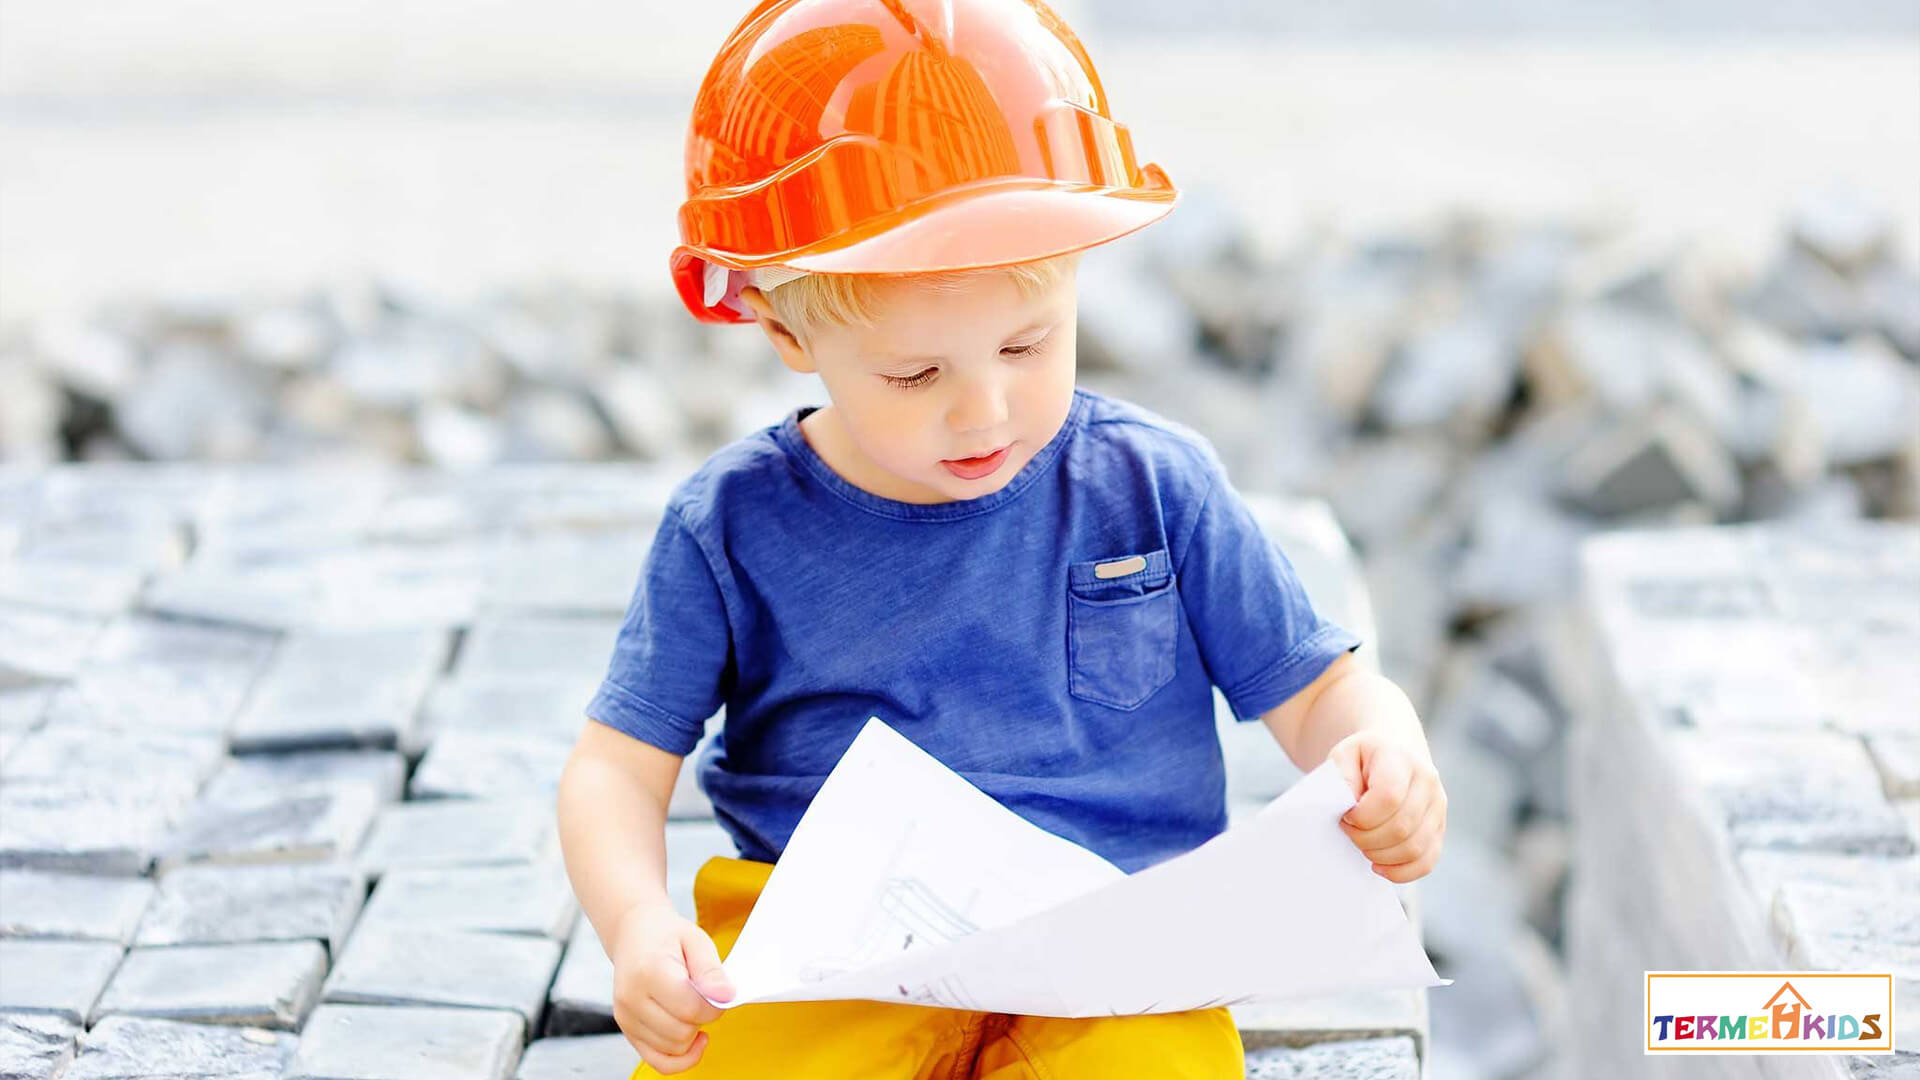 چگونه علایق شغلی و استعداد کودکان خود را کشف کنیم؟